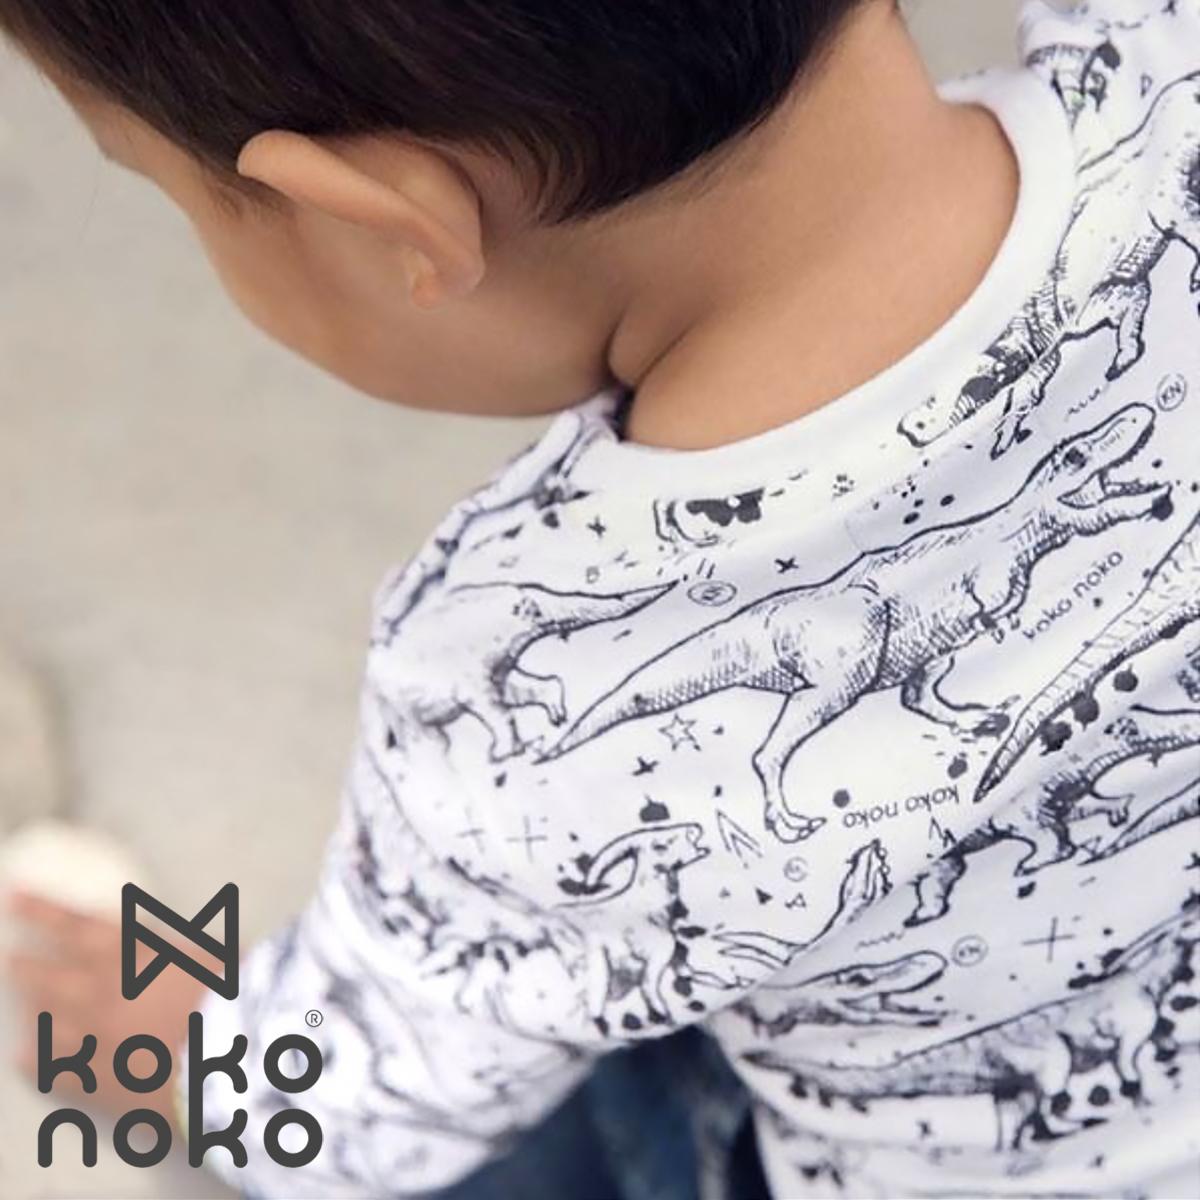 Kokonoko